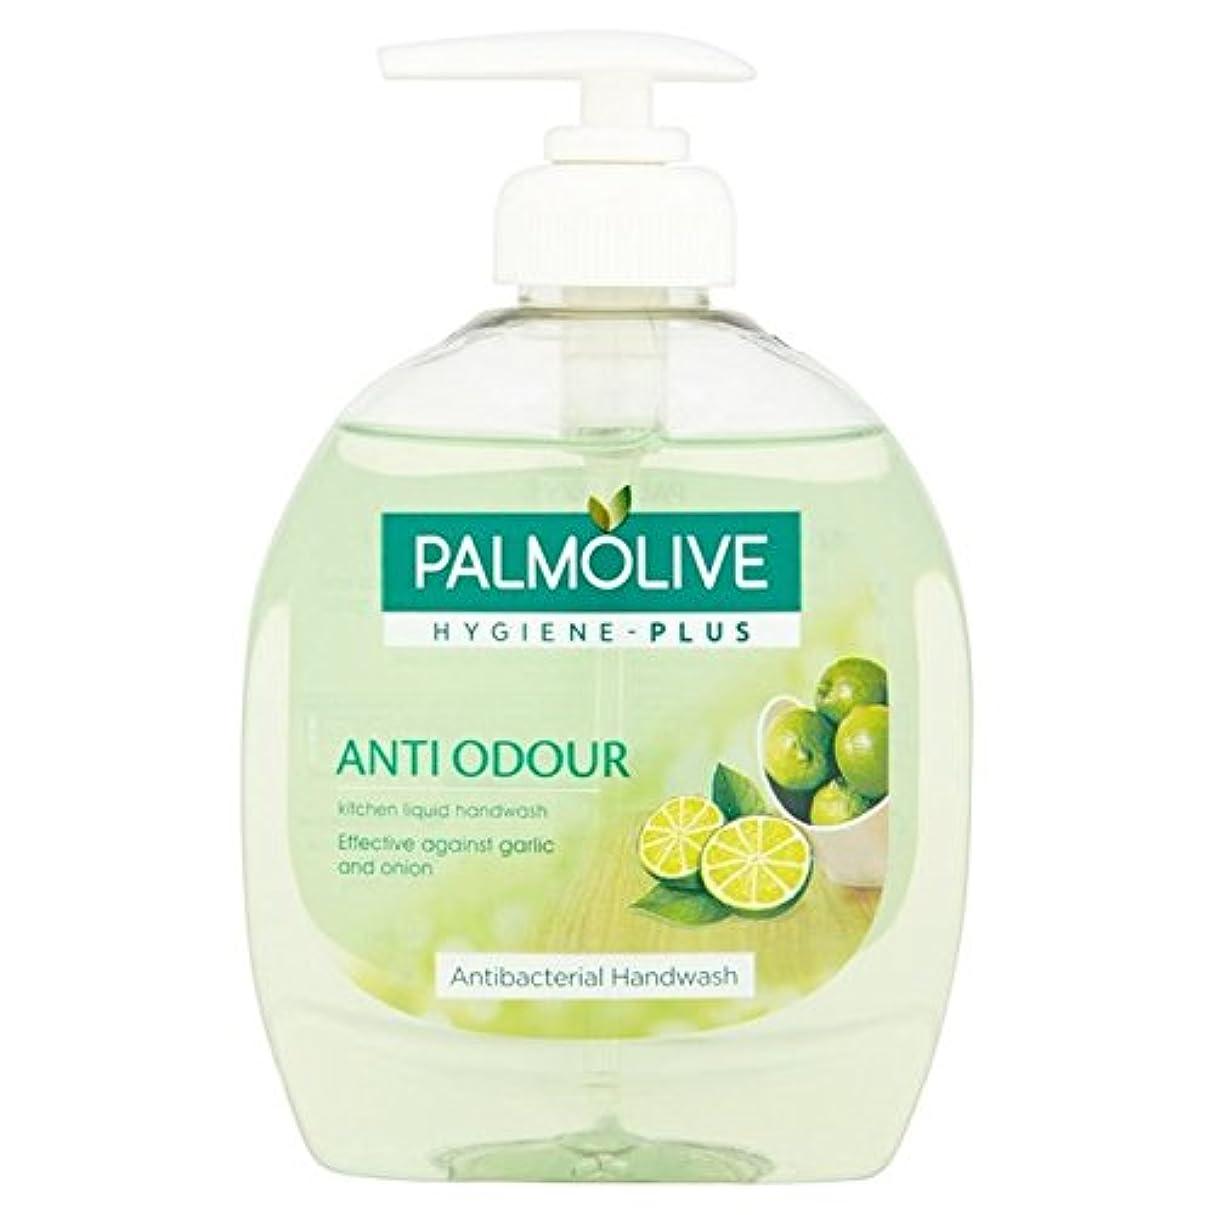 スクラブ湿ったただライム抽出物300ミリリットルとパルモ液体手洗い x4 - Palmolive Liquid Hand Wash with Lime Extract 300ml (Pack of 4) [並行輸入品]